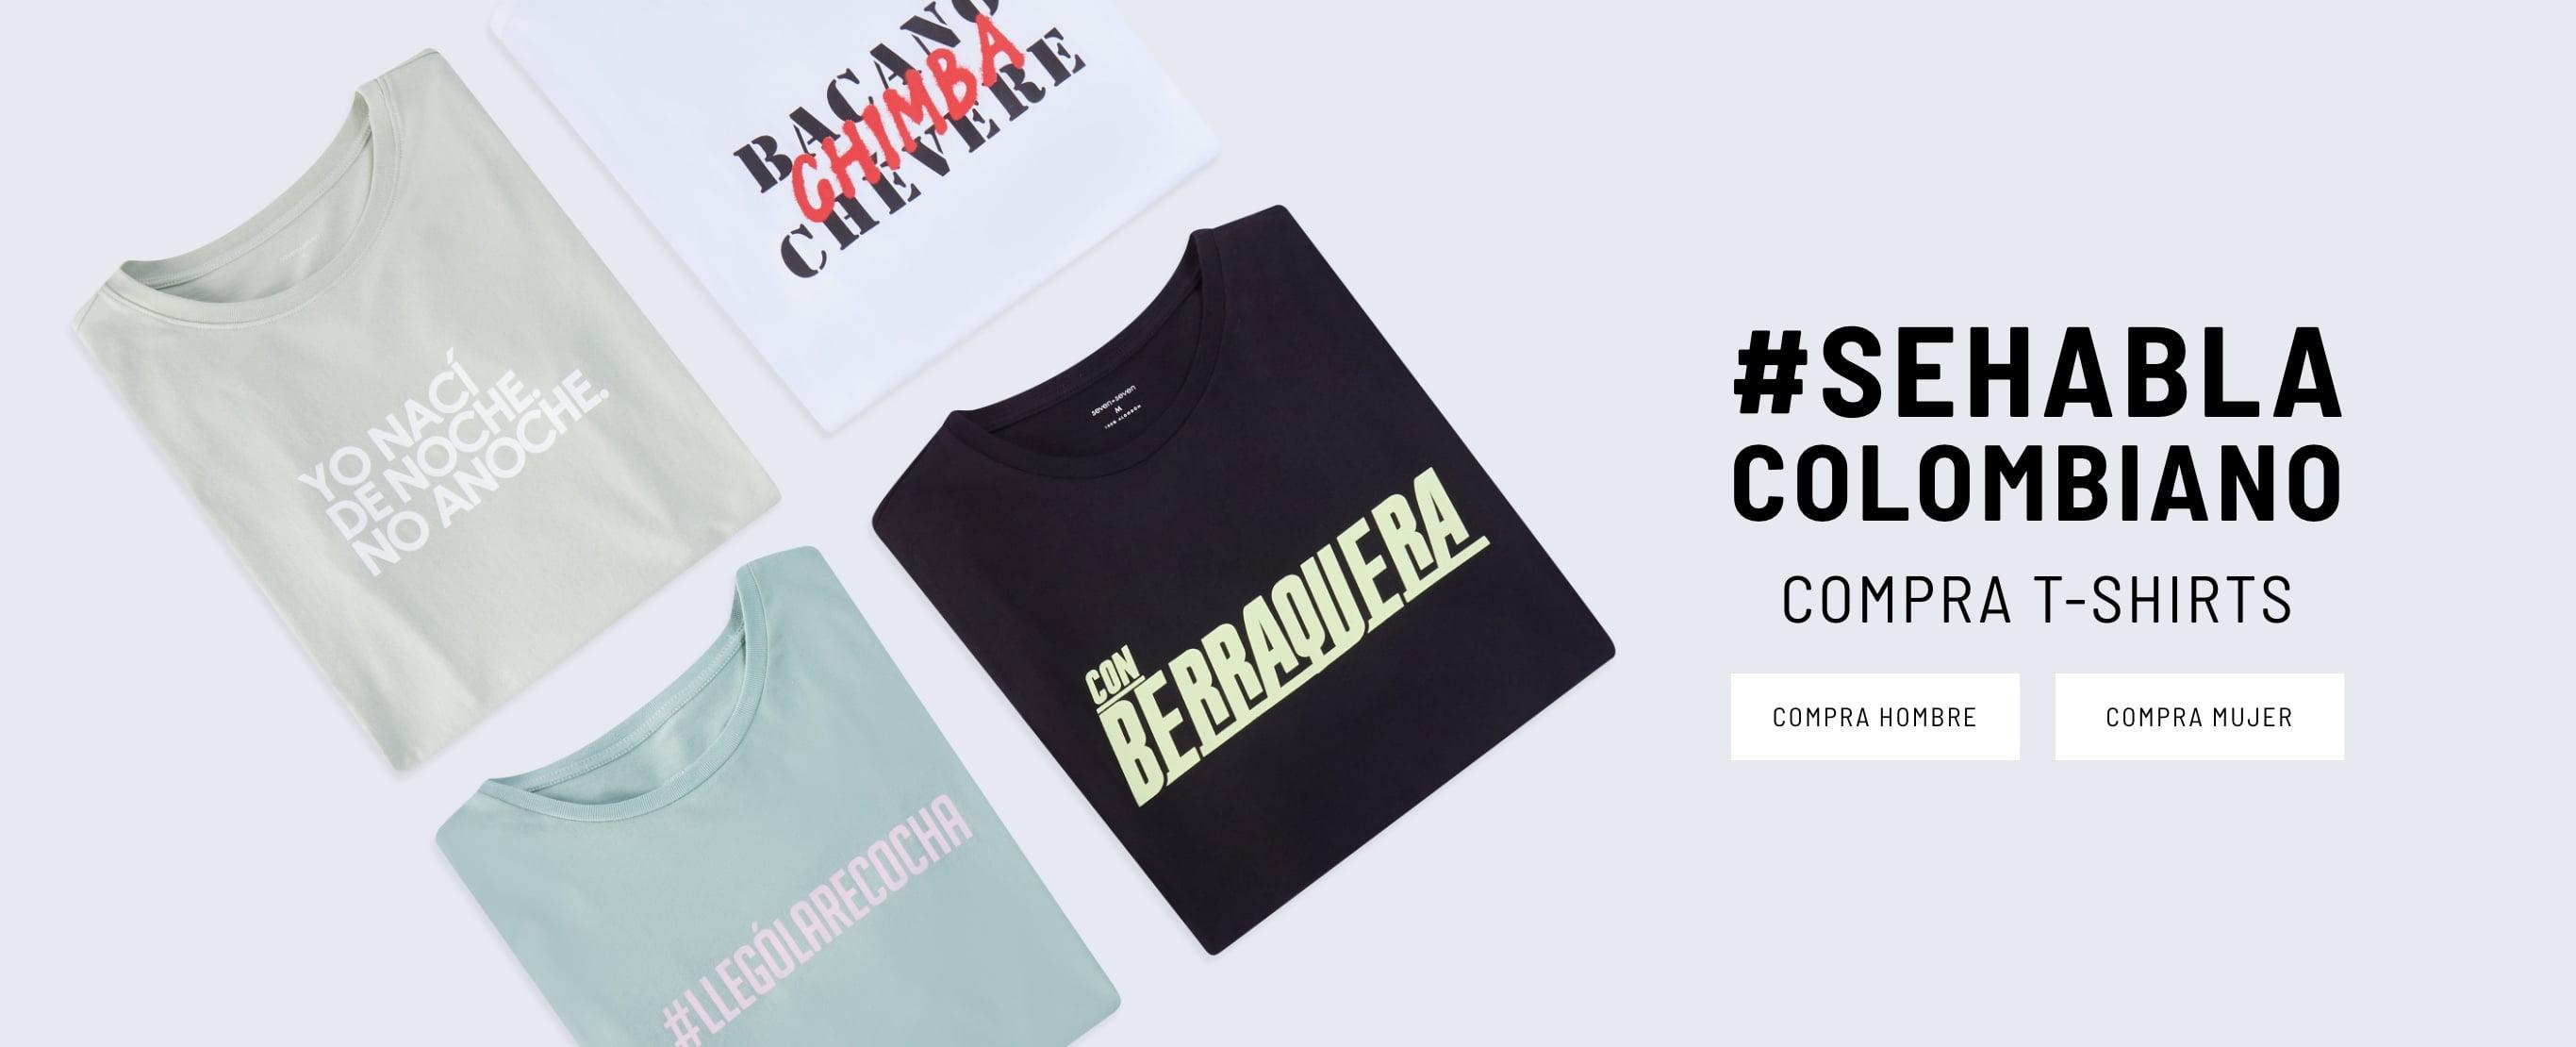 Banner Home - General JUL2021 - Camisetas se habla colombiano (Desktop)